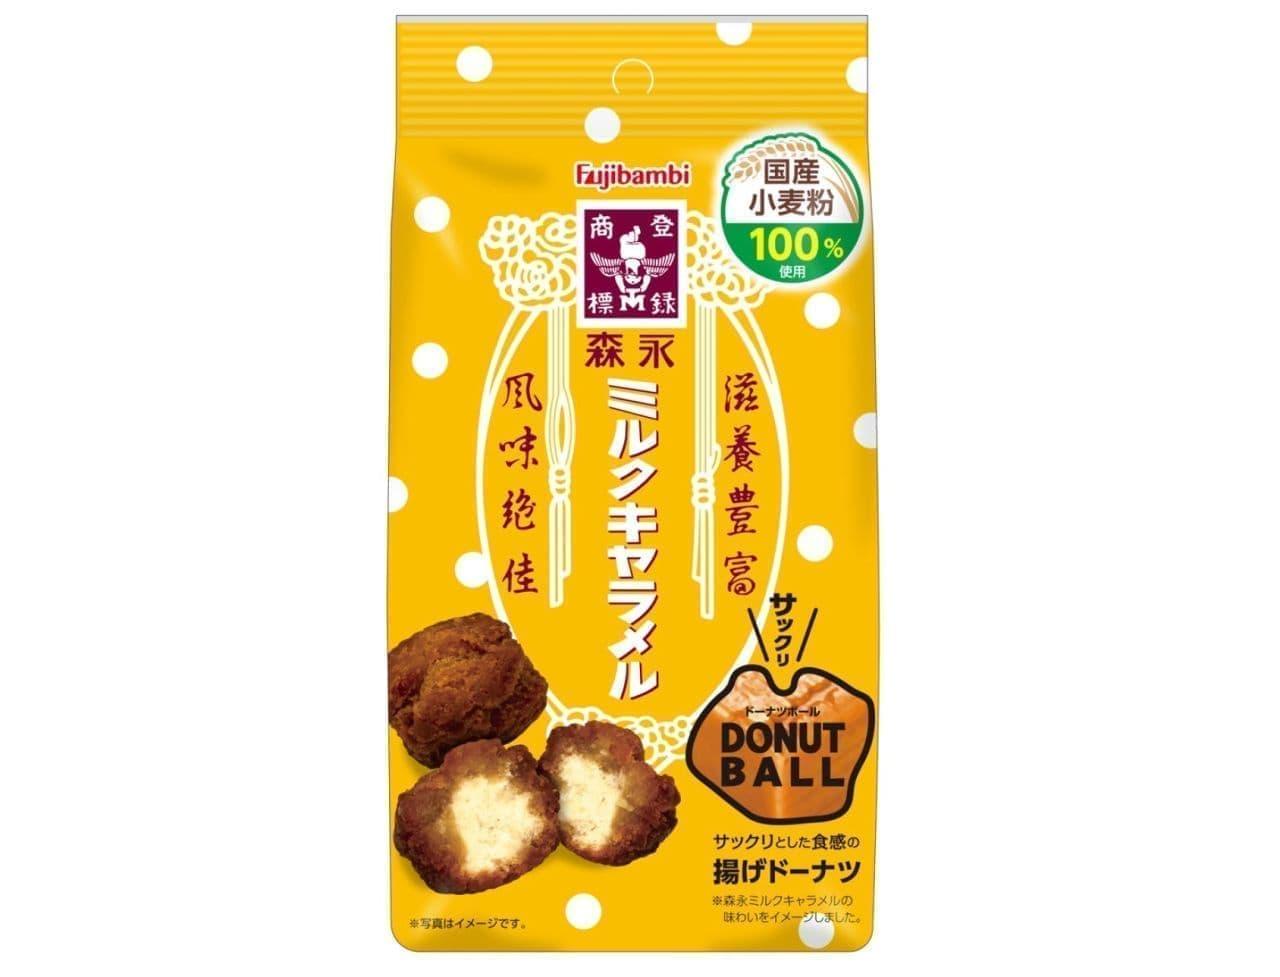 森永製菓とフジバンビがコラボ「ドーナツボール(森永ミルクキャラメル)」